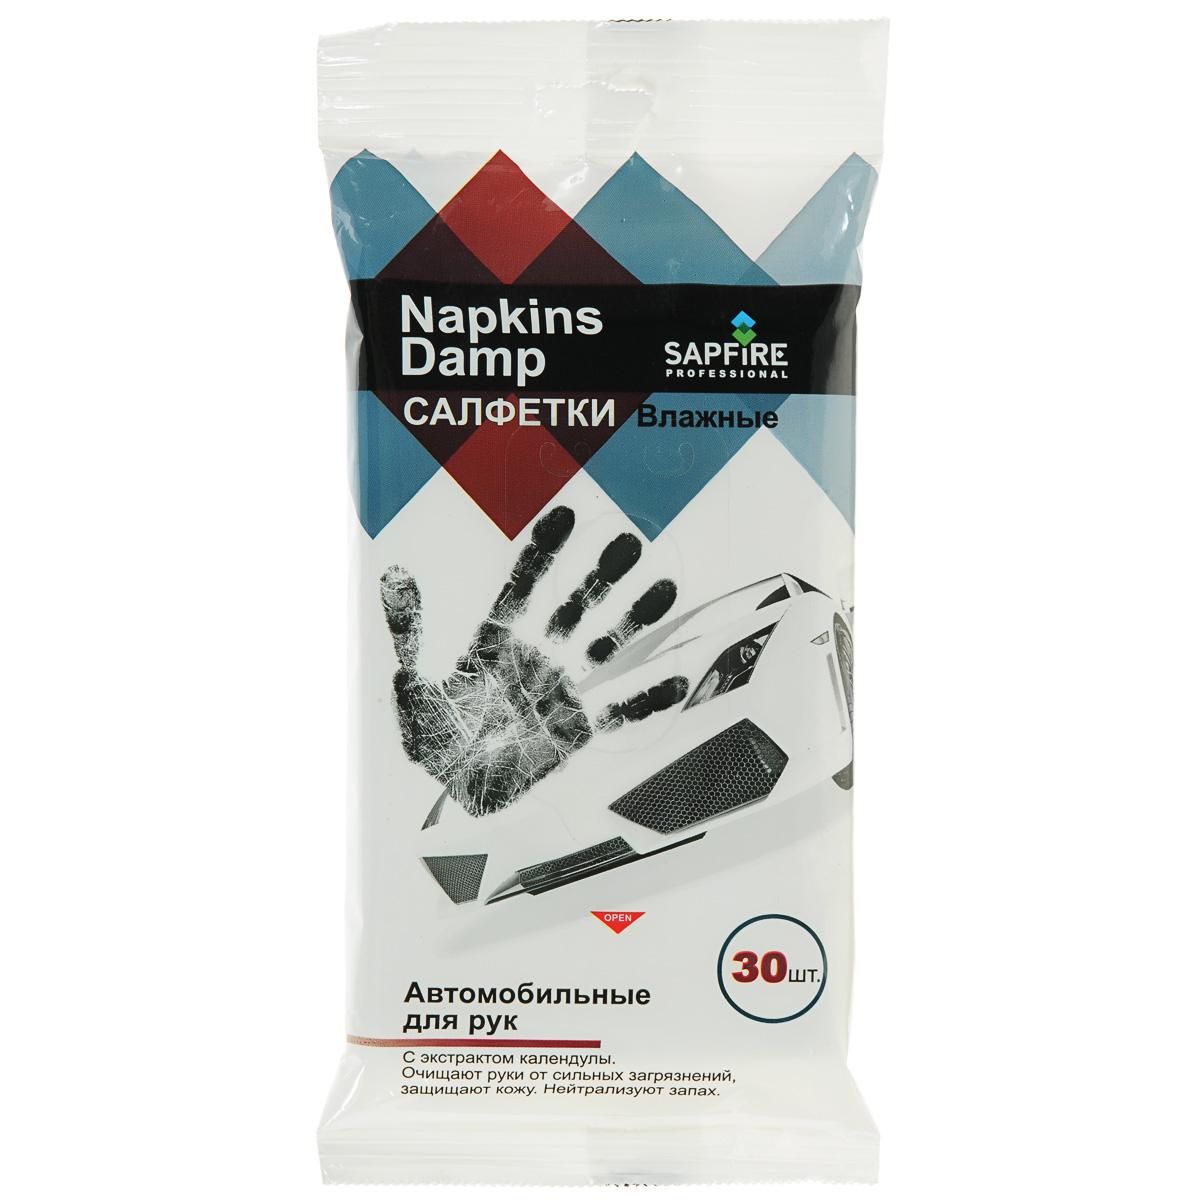 Салфетки влажные Sapfire для рук, 30 шт салфетки влажные sapfire с эффектом антидождь 30 шт